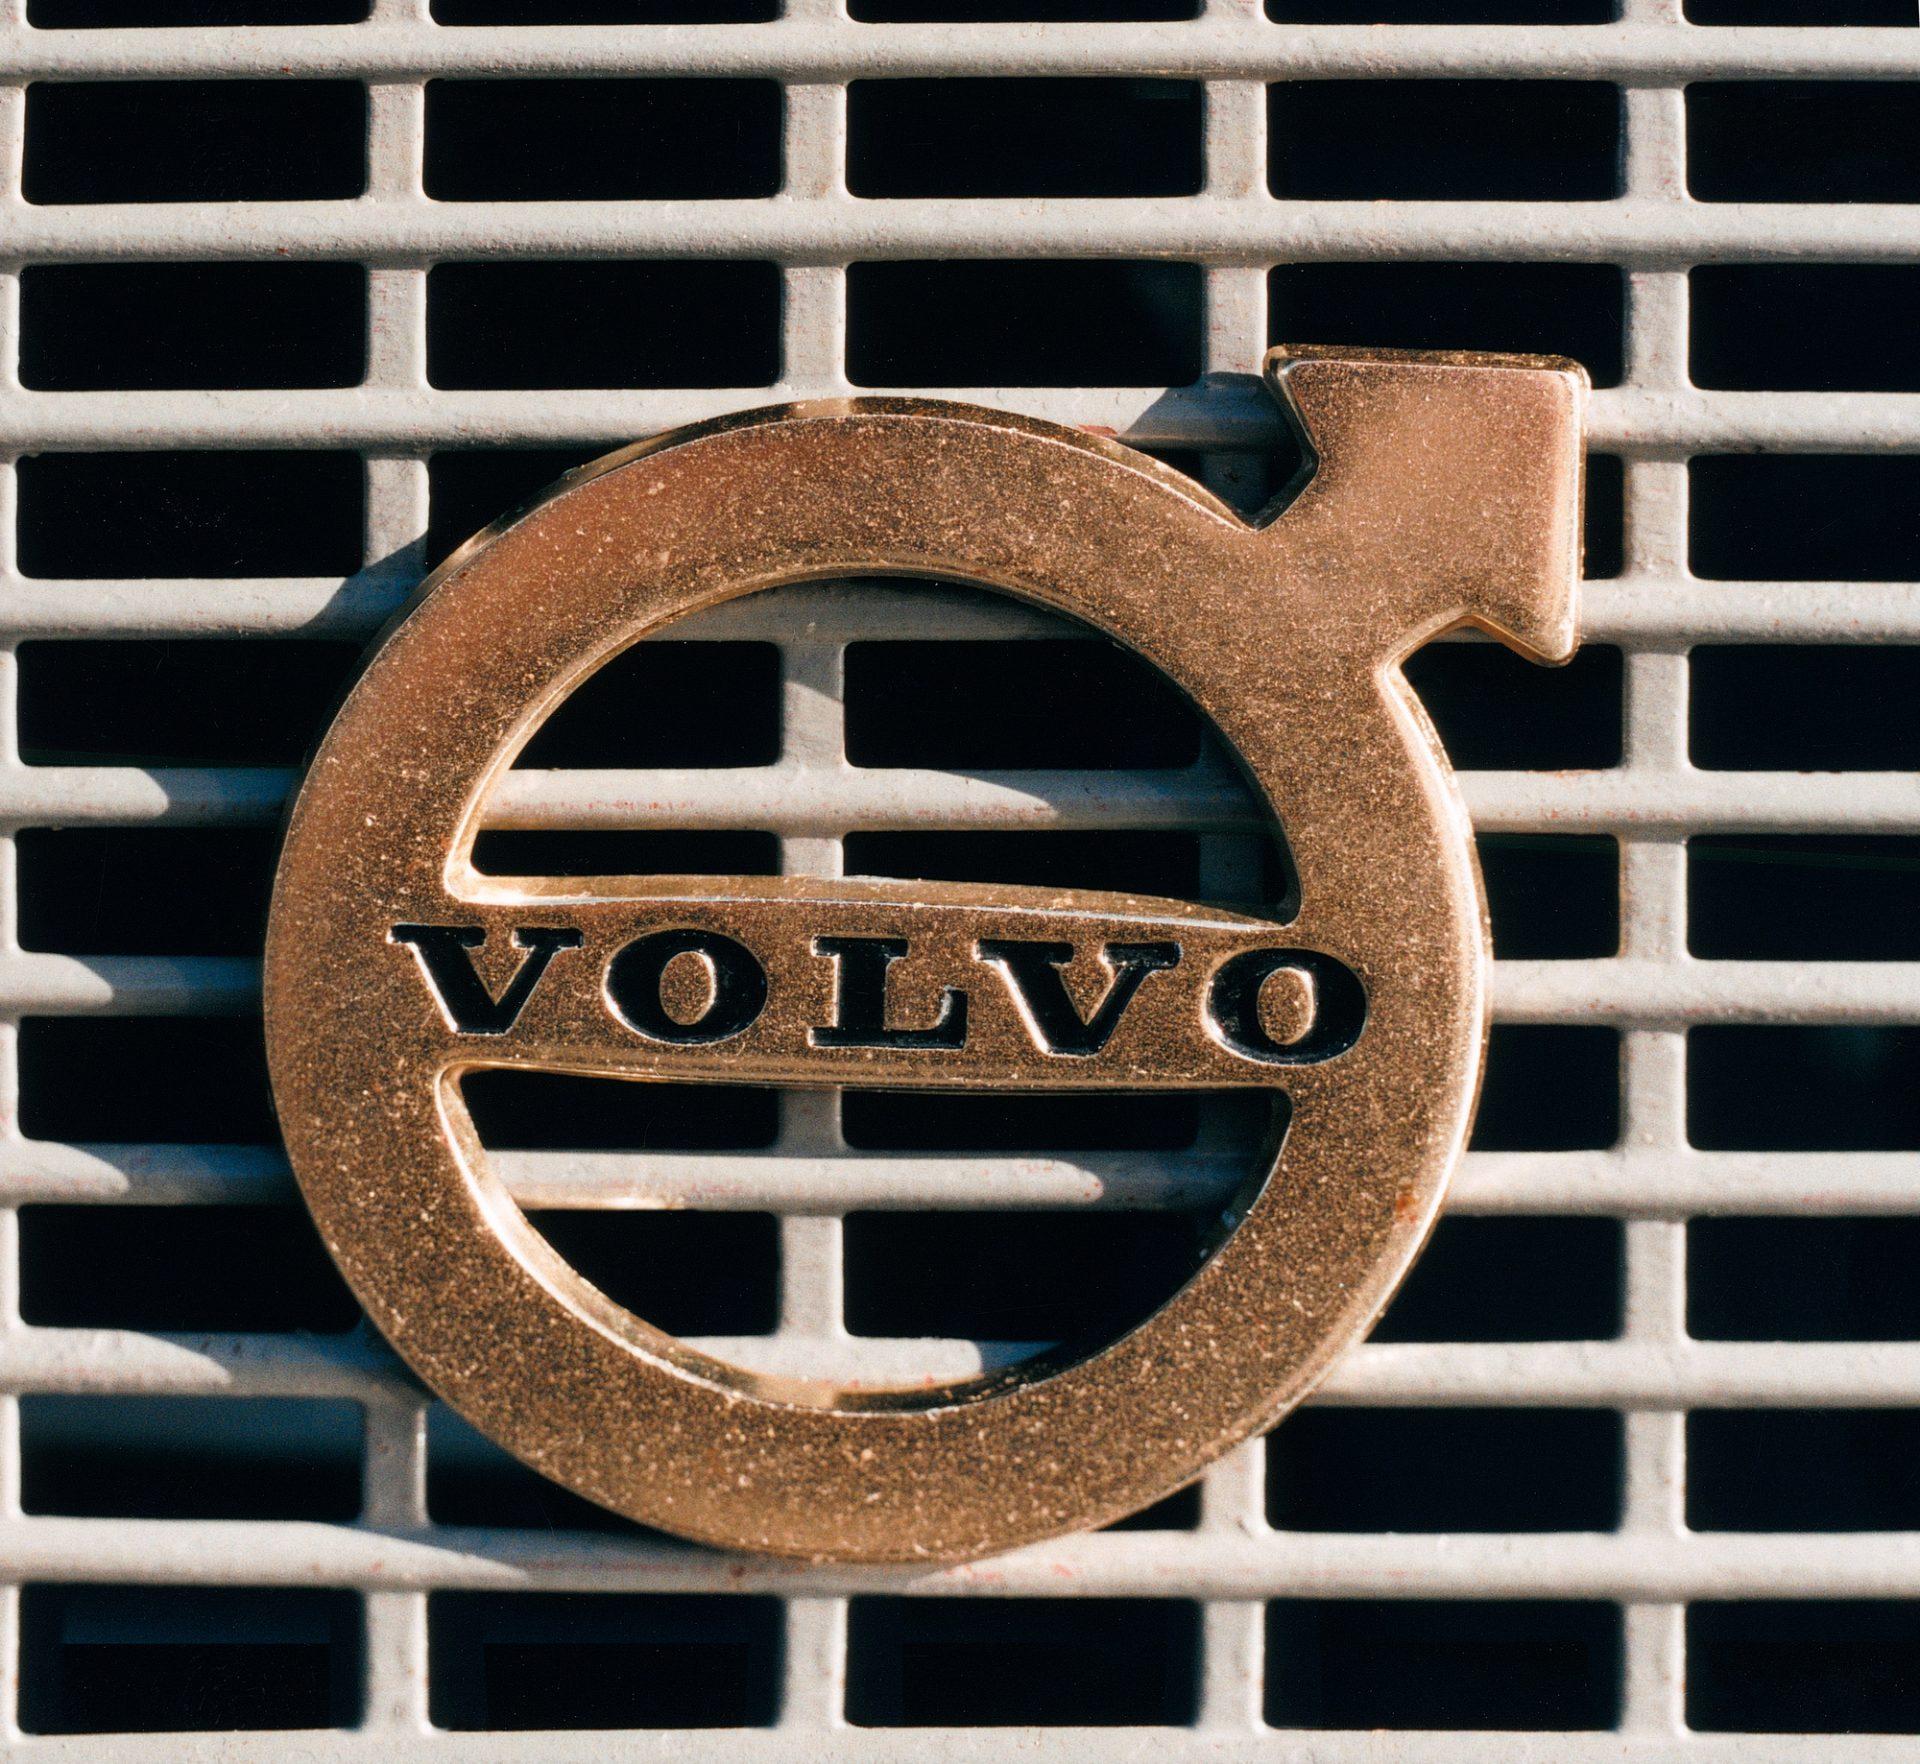 Volvo_P210_Duett_05_2